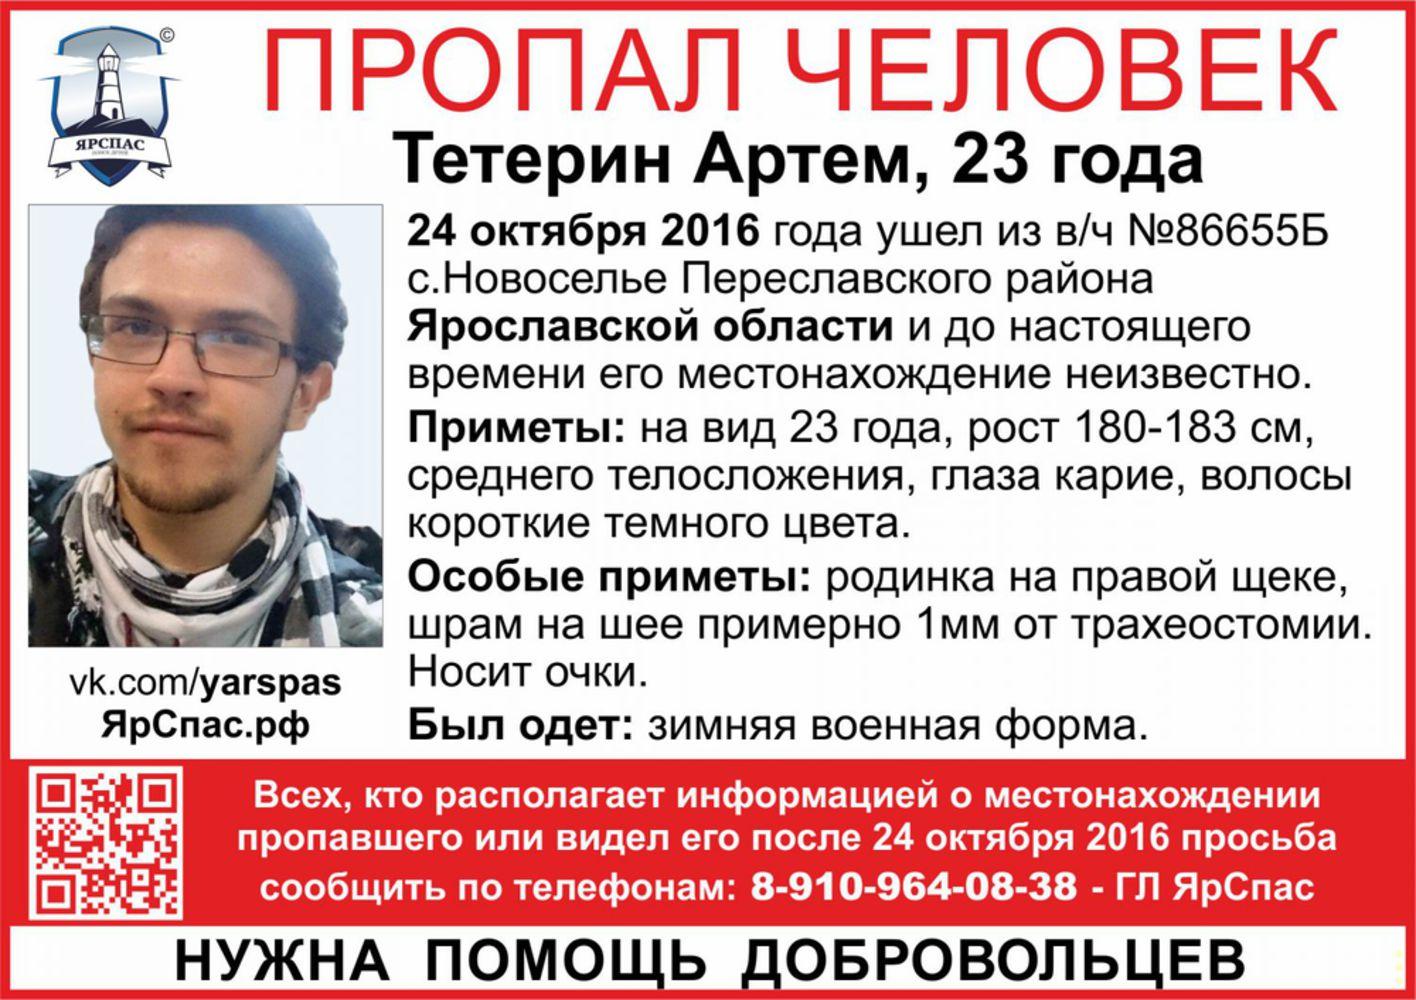 УНовоселья найден мертвым красноярский солдат-срочник Артем Тетерин